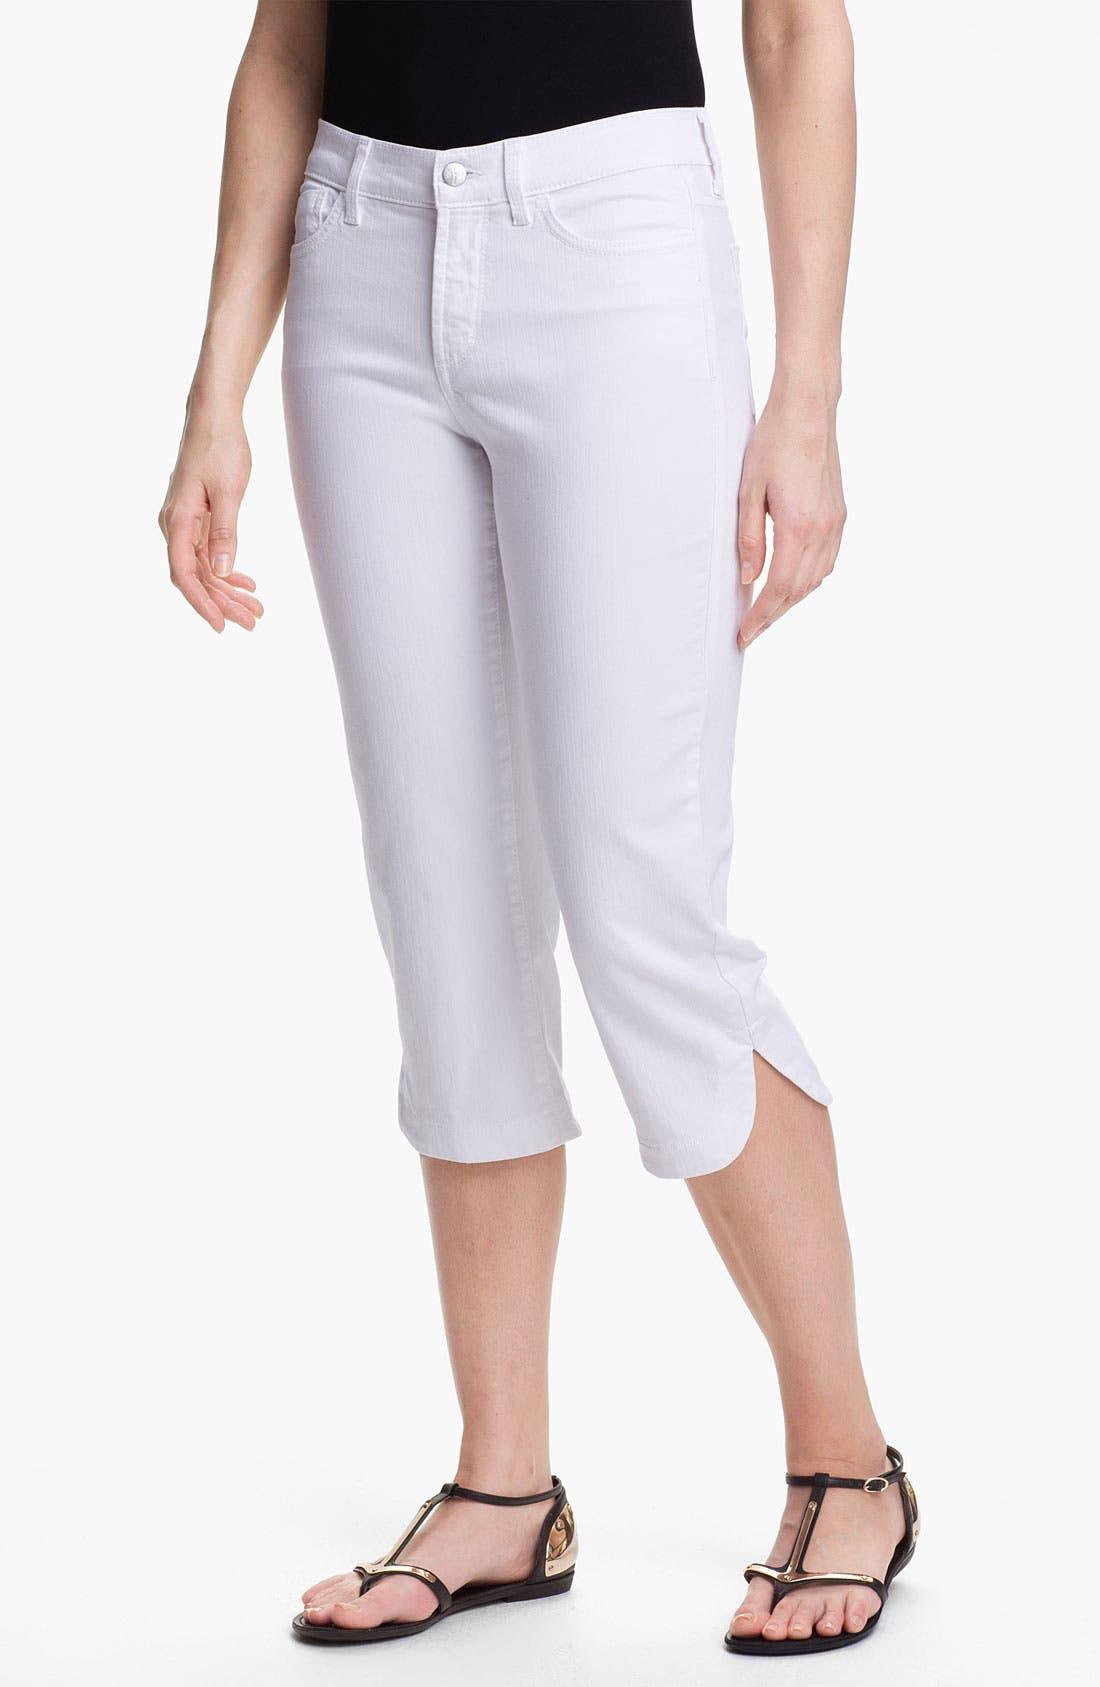 Alternate Image 1 Selected - NYDJ 'Olga' Crop Stretch Jeans